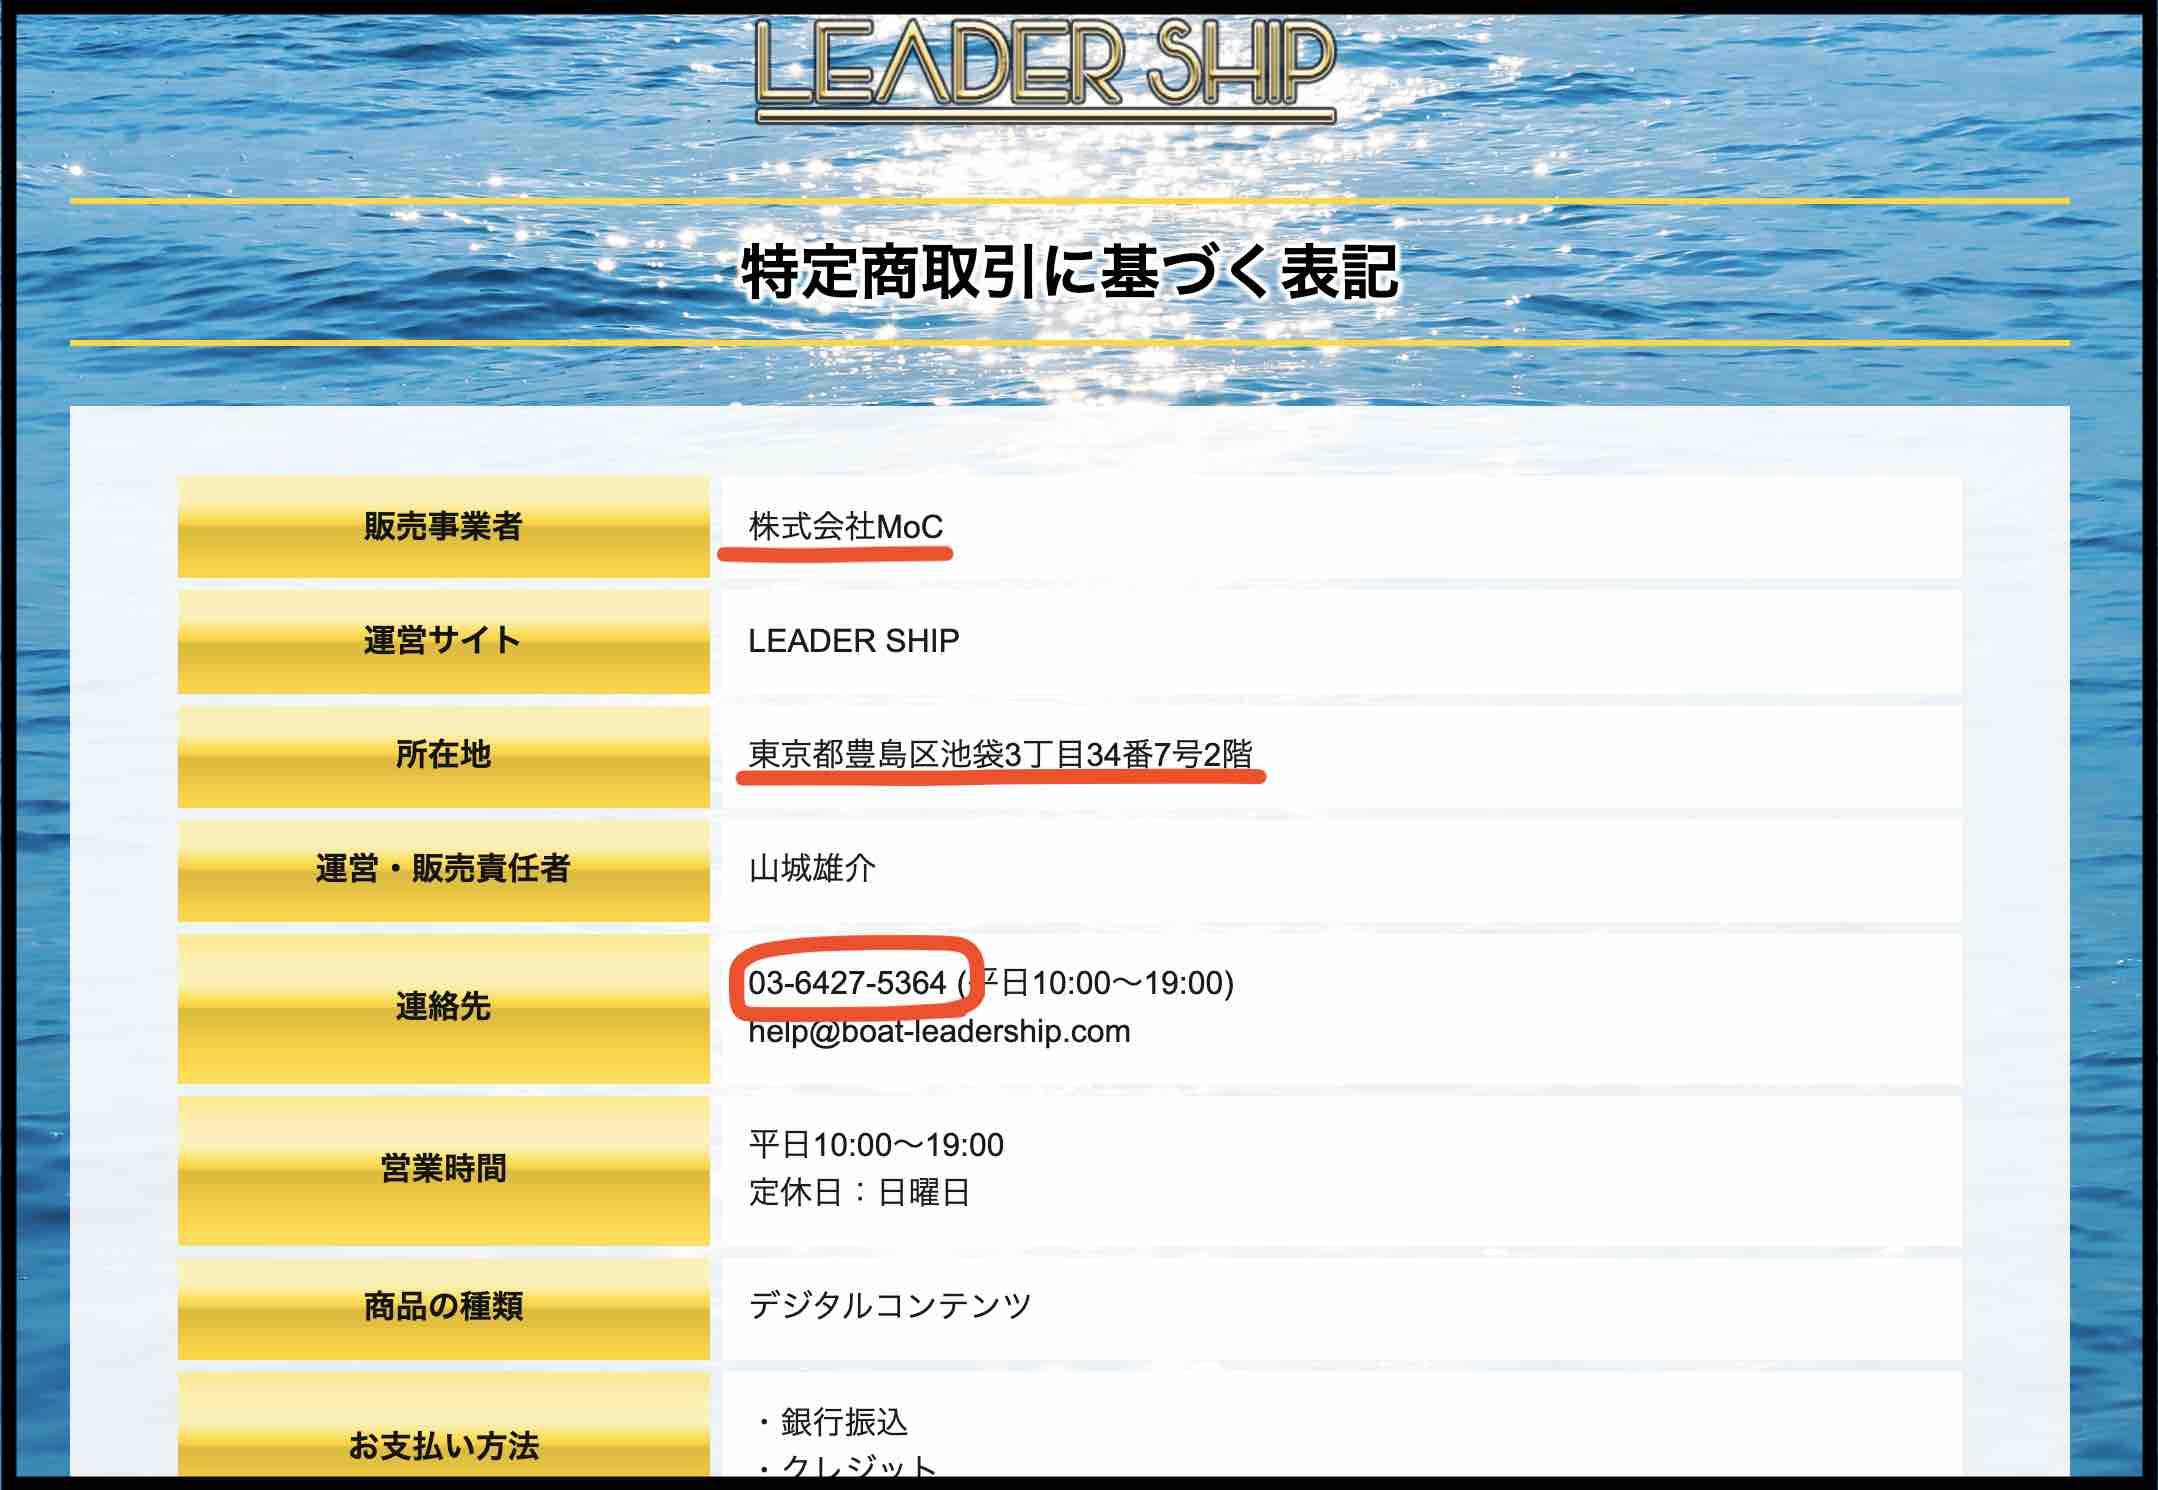 リーダーシップ(LEADERSHIP)という競艇予想サイトのの運営会社情報